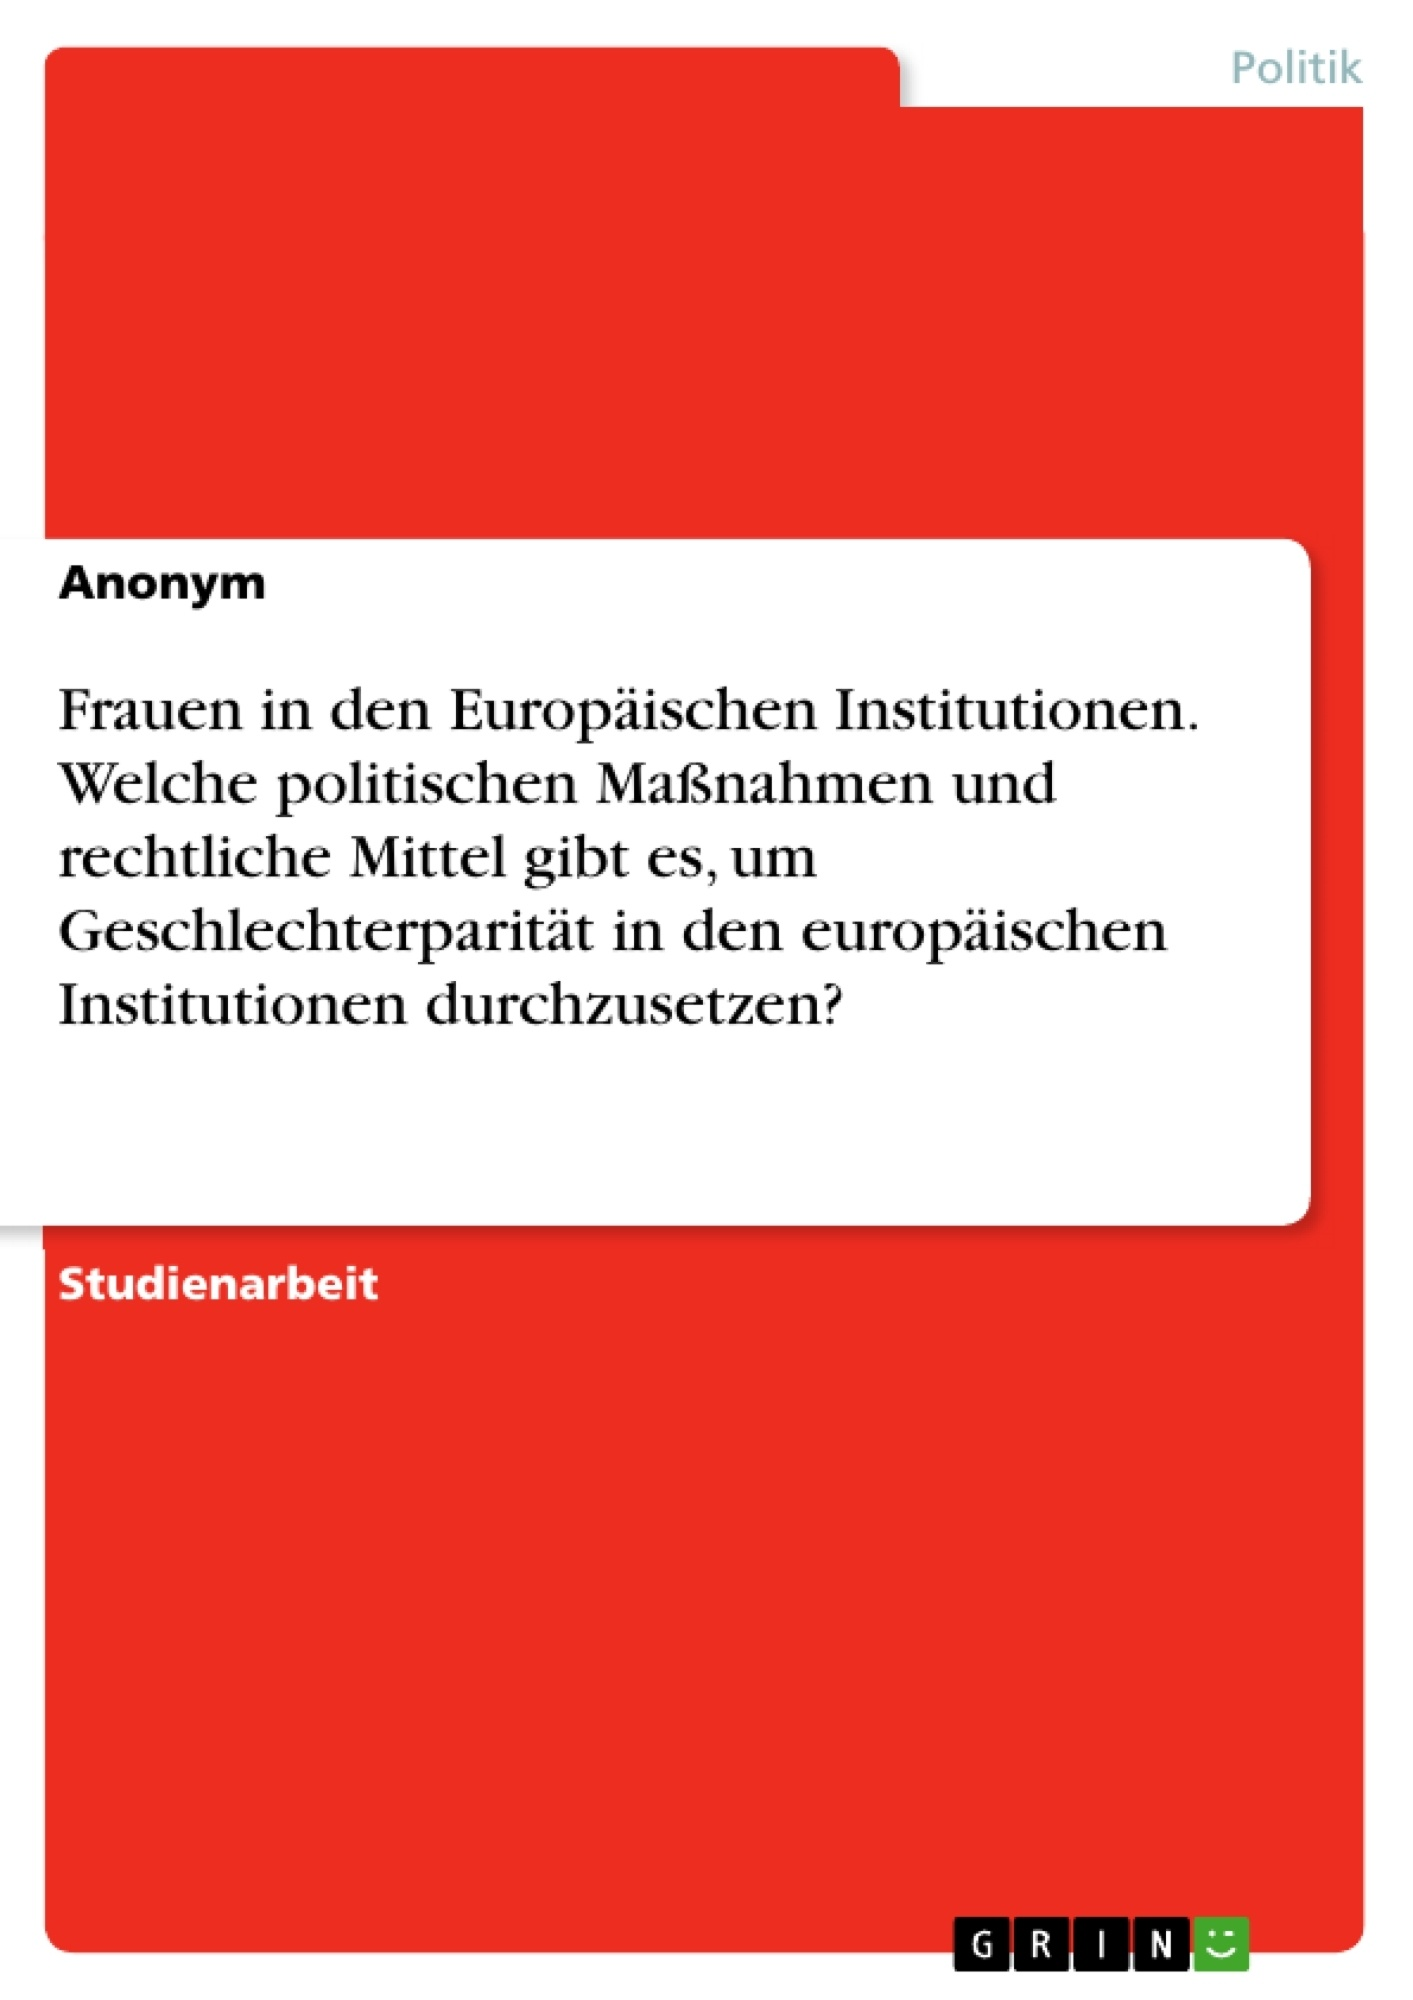 Titel: Frauen in den Europäischen Institutionen. Welche politischen Maßnahmen und rechtliche Mittel gibt es, um Geschlechterparität in den europäischen Institutionen durchzusetzen?